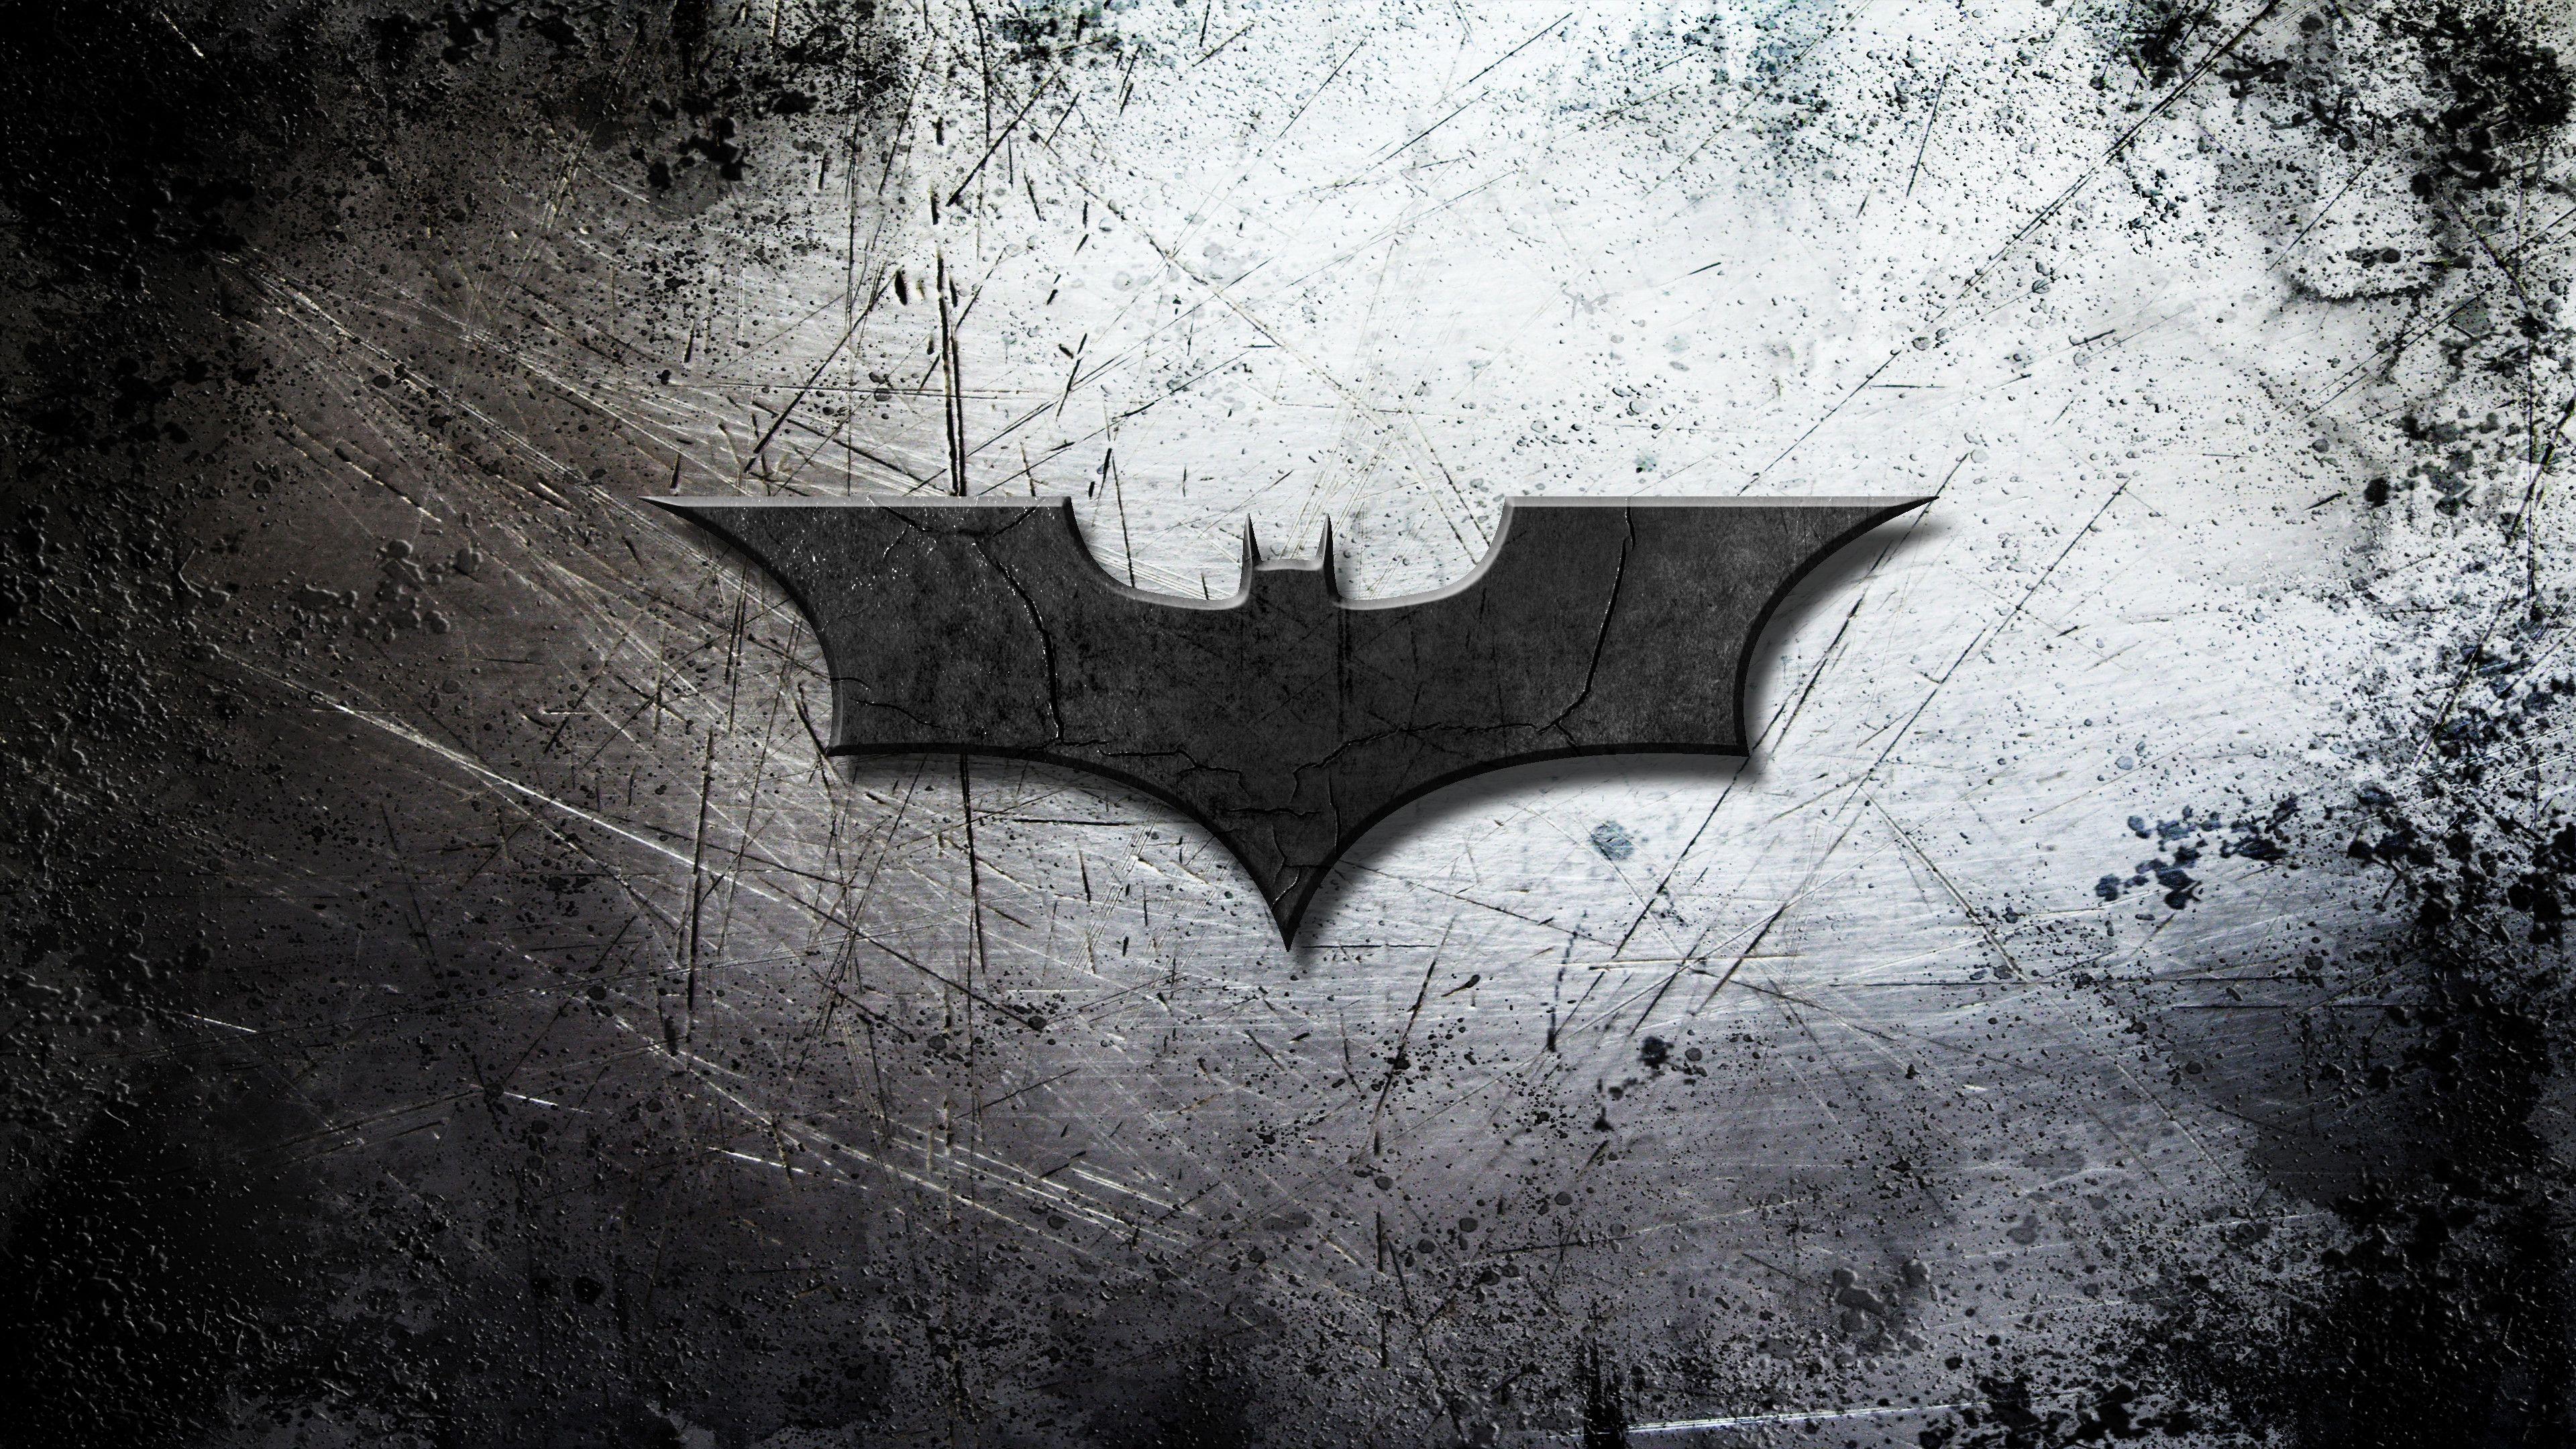 Logo Batman Wallpaper Hd Download Batman Wallpaper Batman Backgrounds Hd Batman Wallpaper